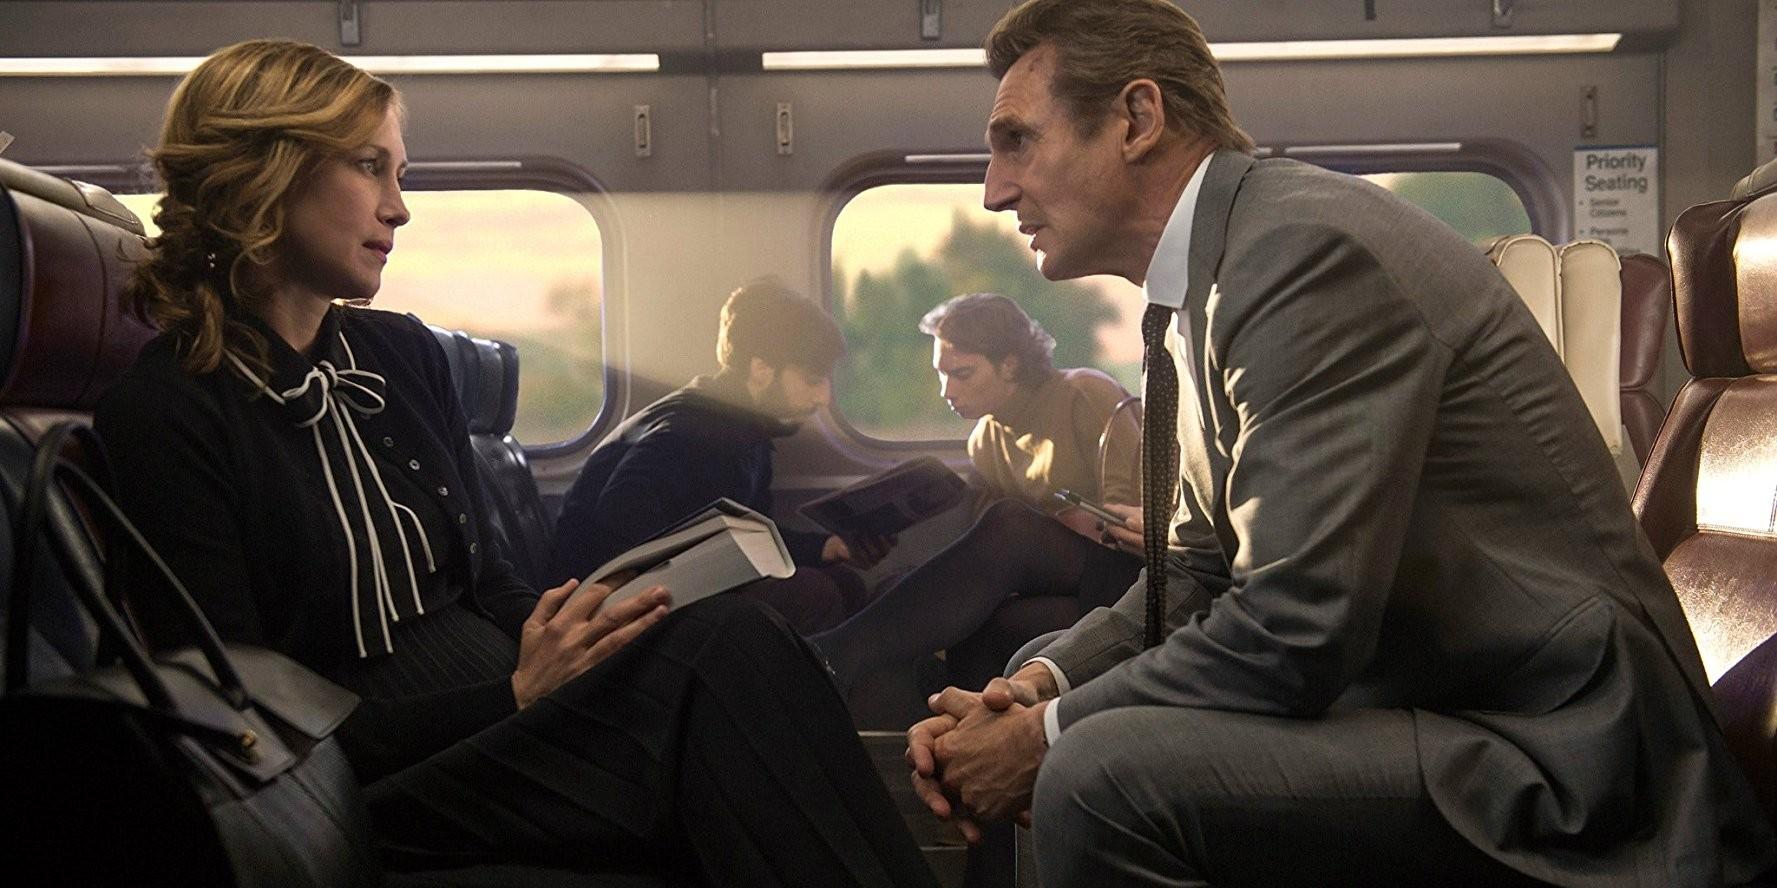 О чем кино пассажиры 2018